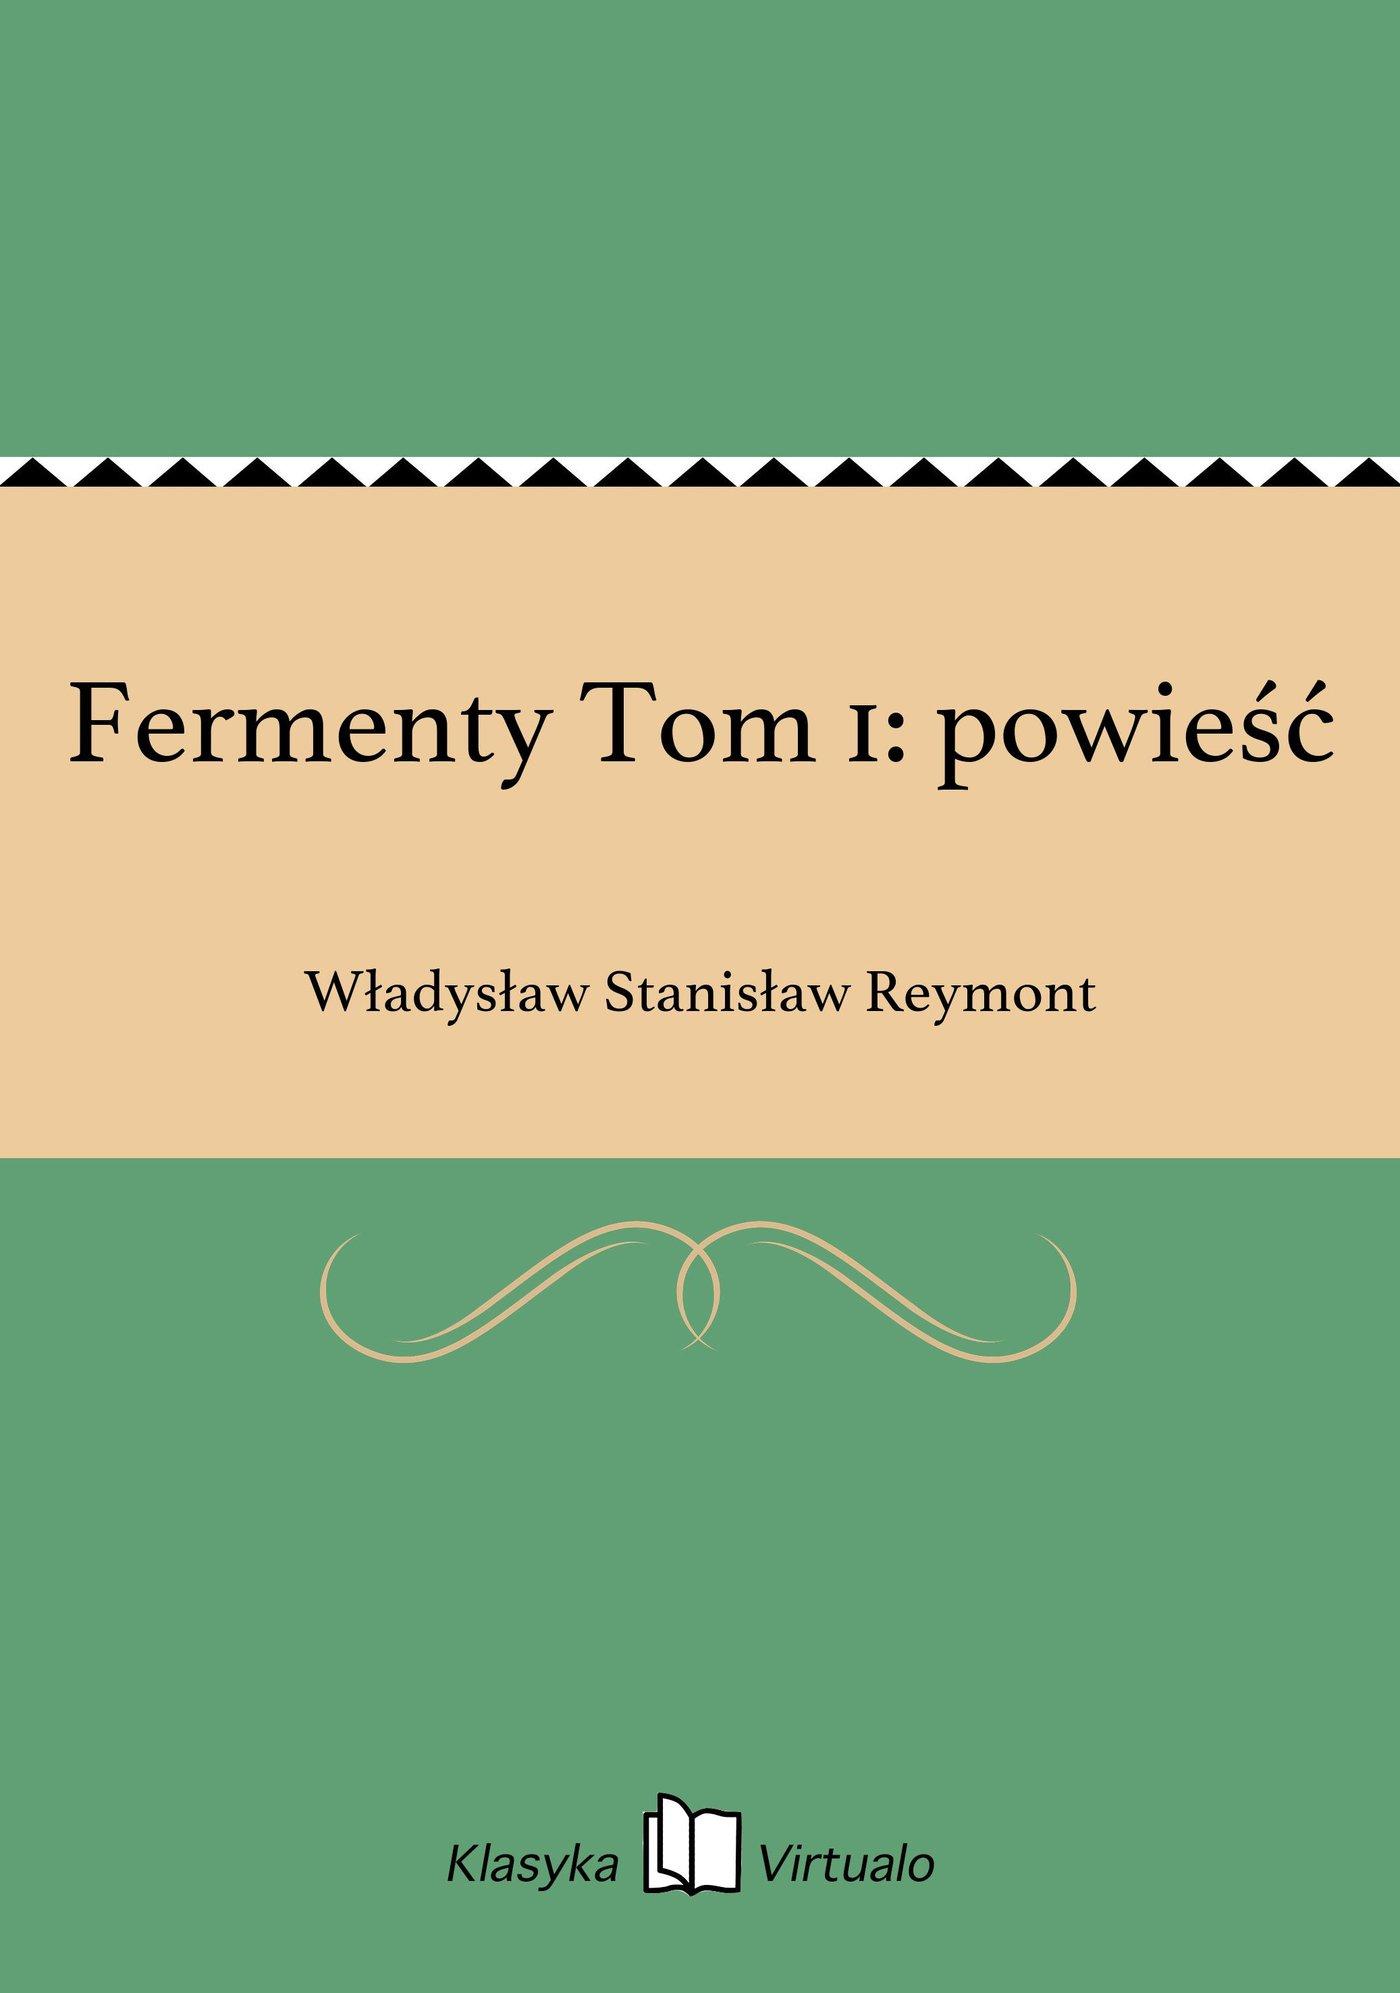 Fermenty Tom 1: powieść - Ebook (Książka EPUB) do pobrania w formacie EPUB